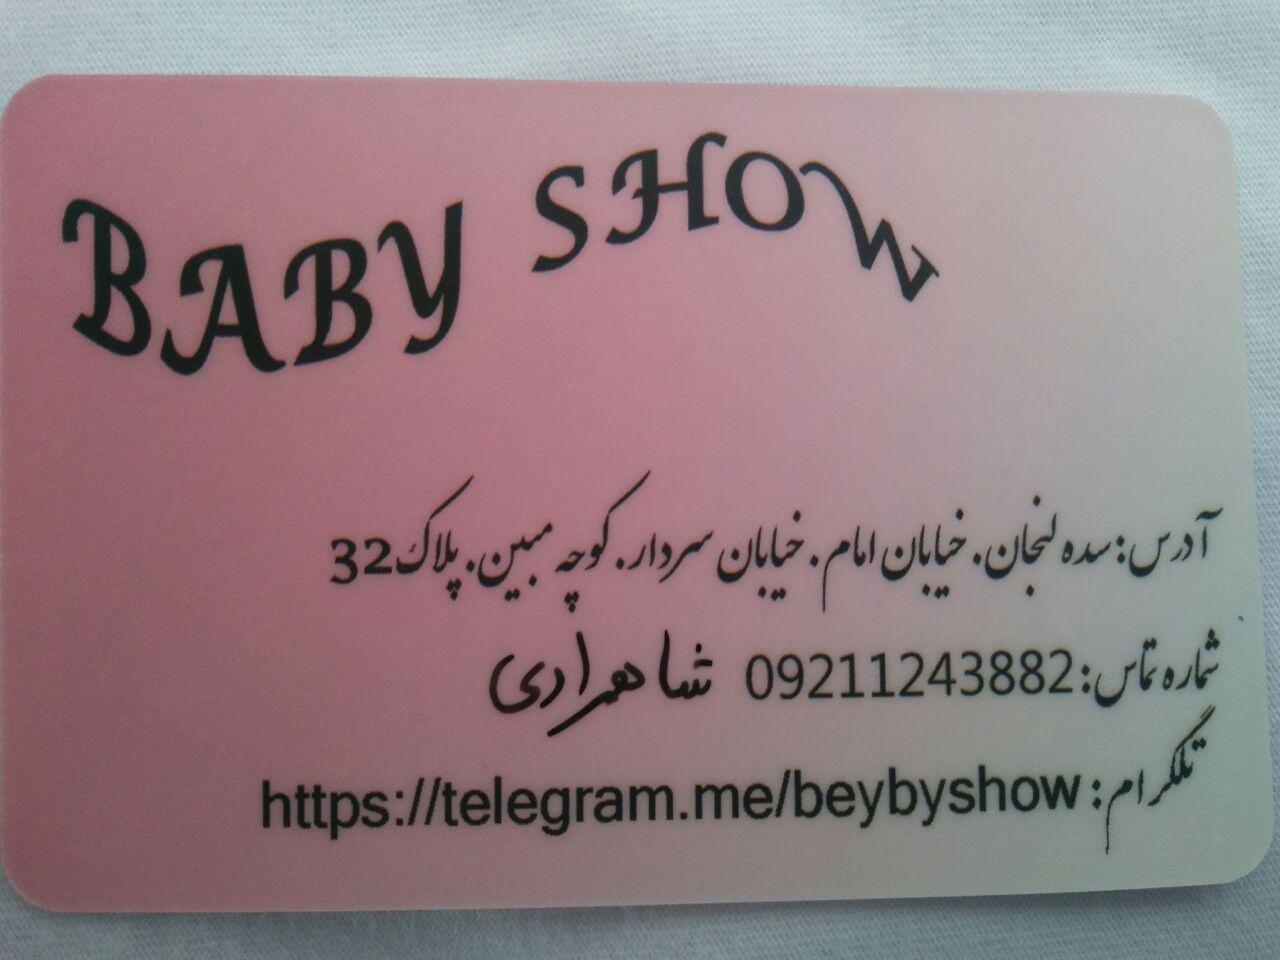 تولیدی لباس نوزاد بی بی شو